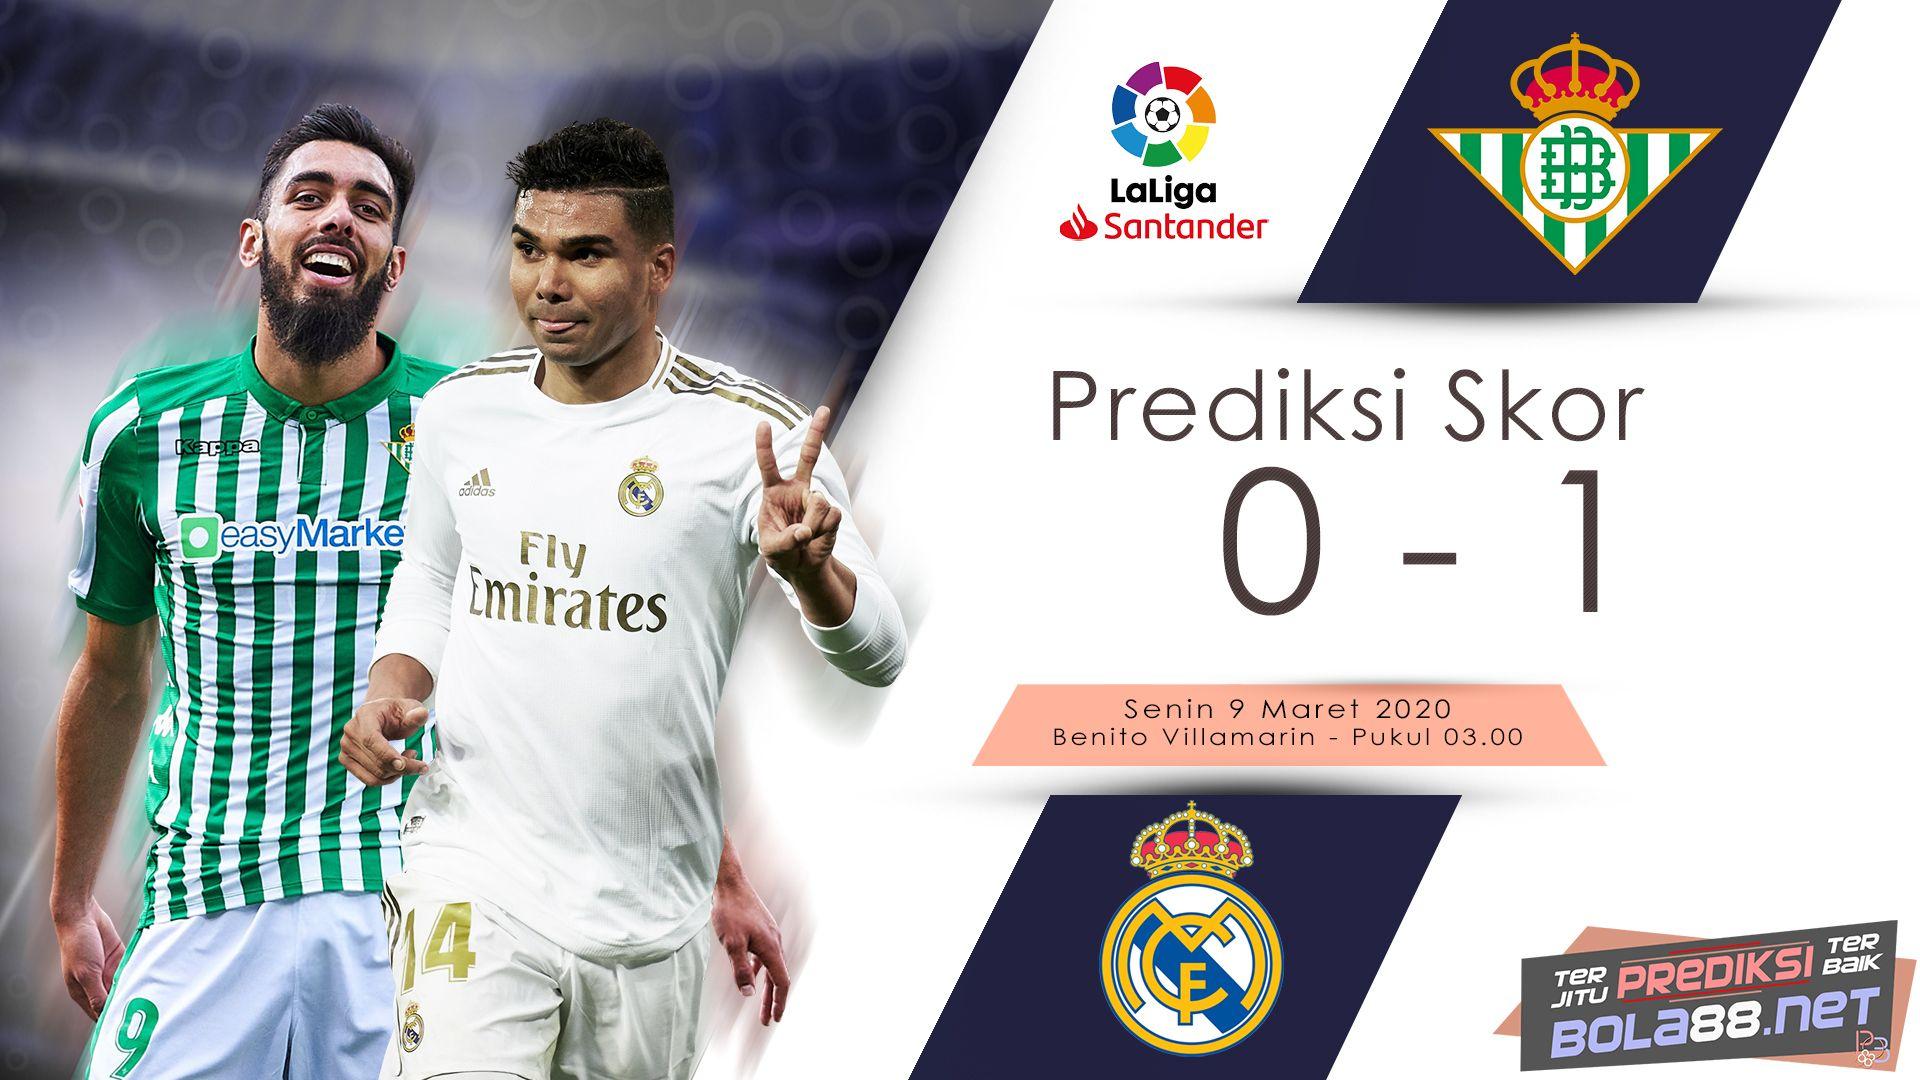 Prediksi Bola Real Betis Vs Real Madrid 2020 Di 2020 Real Madrid Utah Jazz Madrid